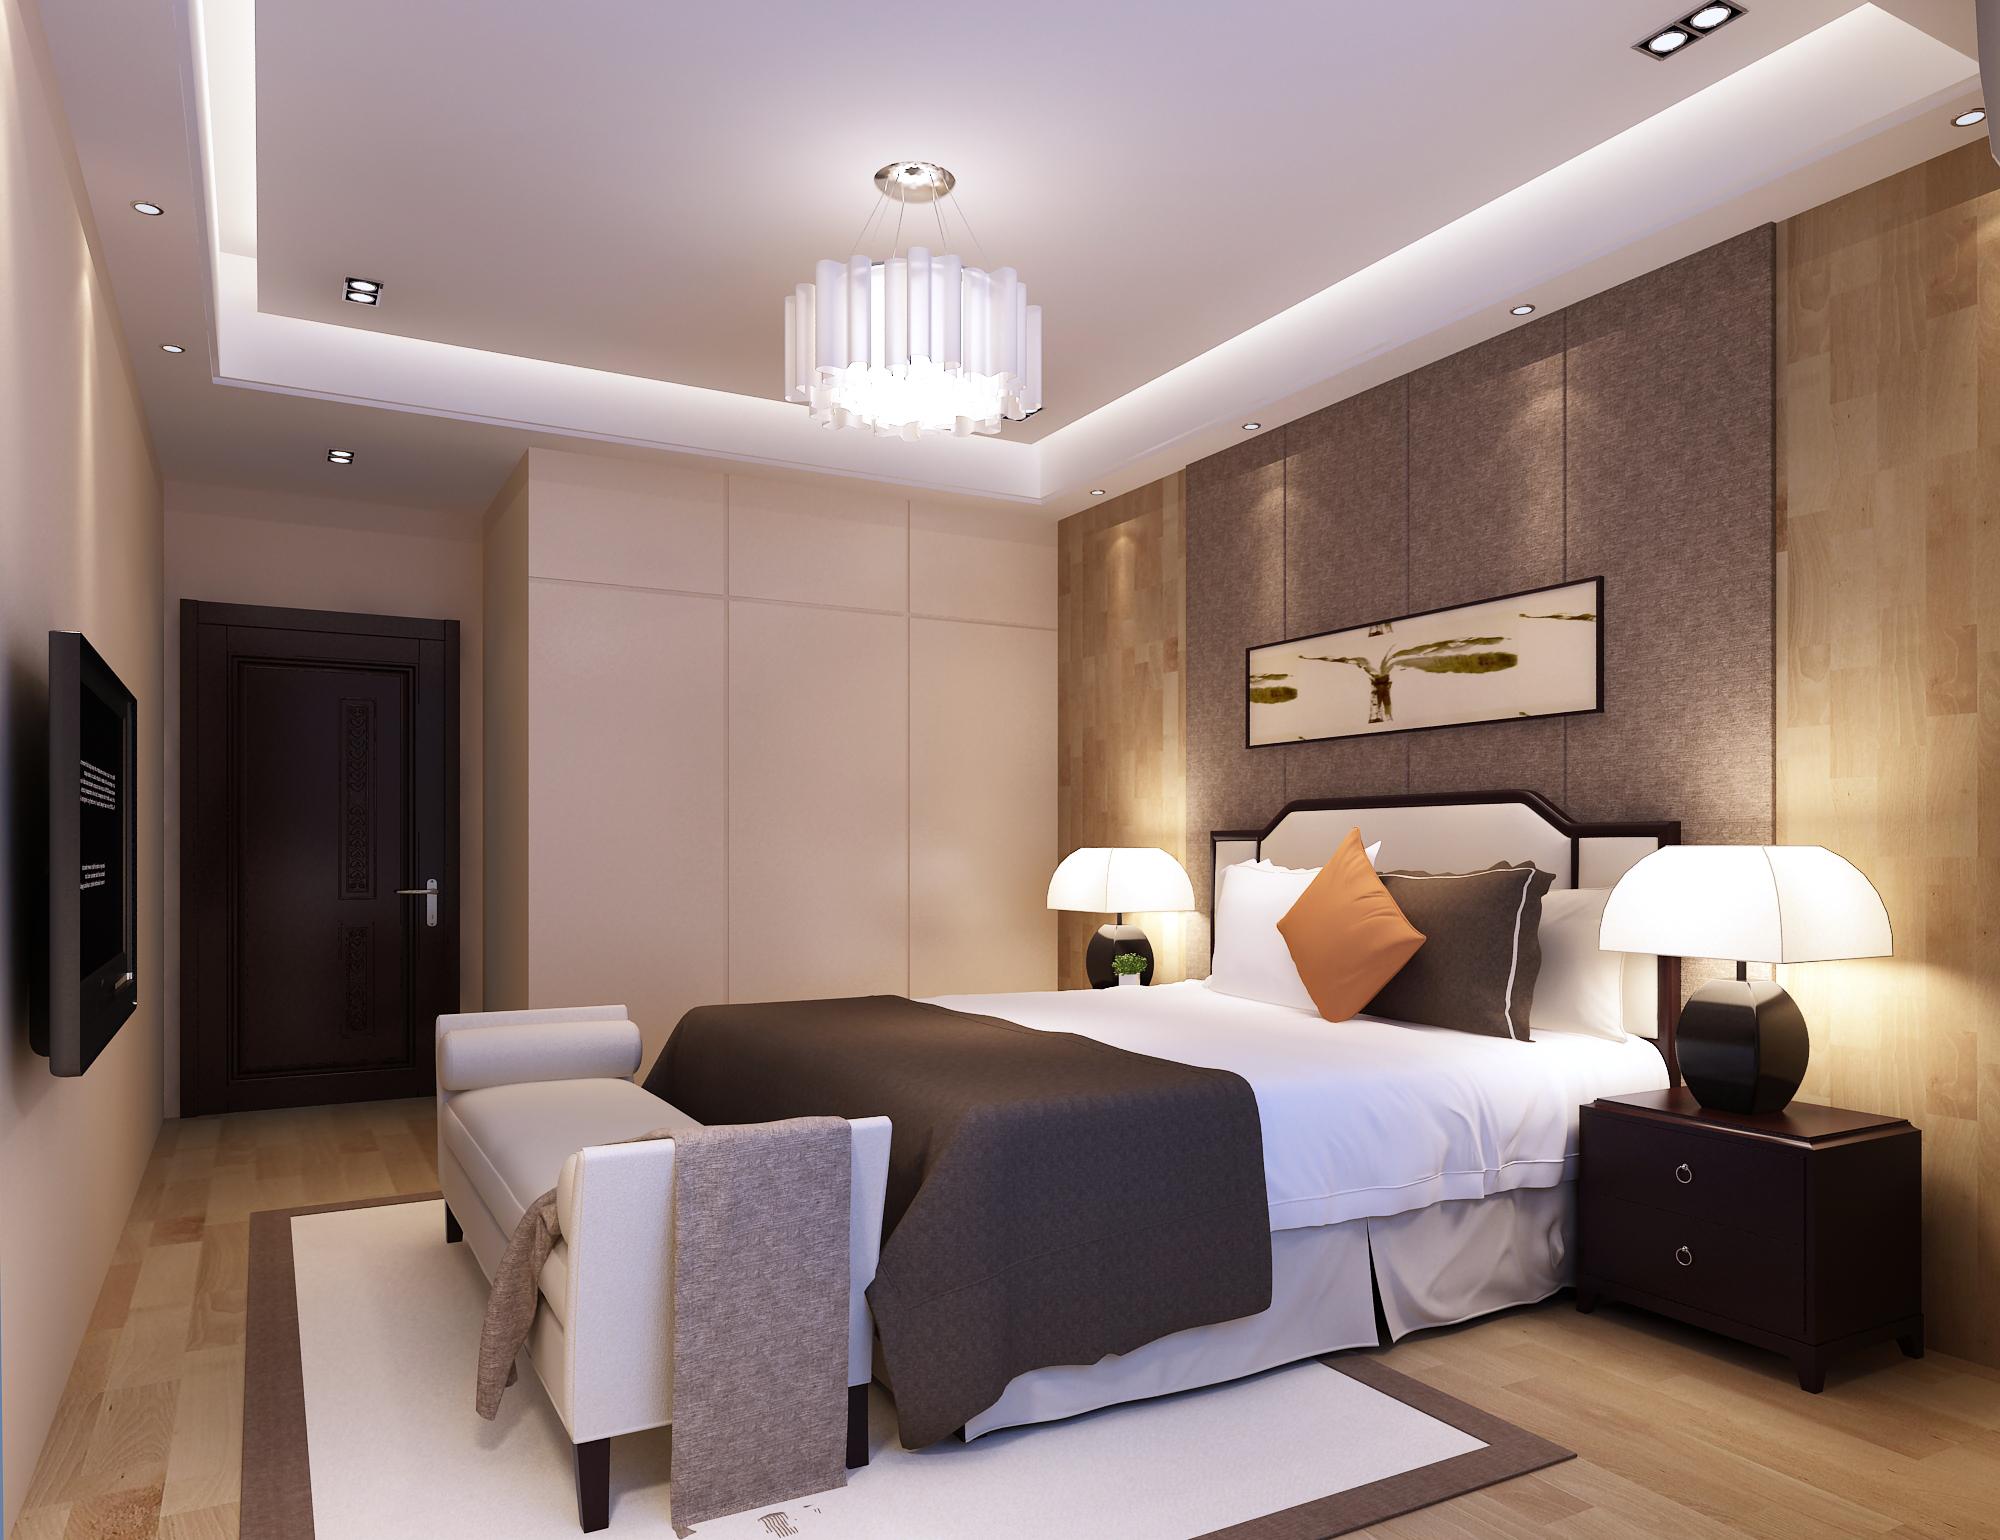 Modern Bedroom 3D Model MAX | CGTrader.com on Model Bedroom Interior Design  id=98699